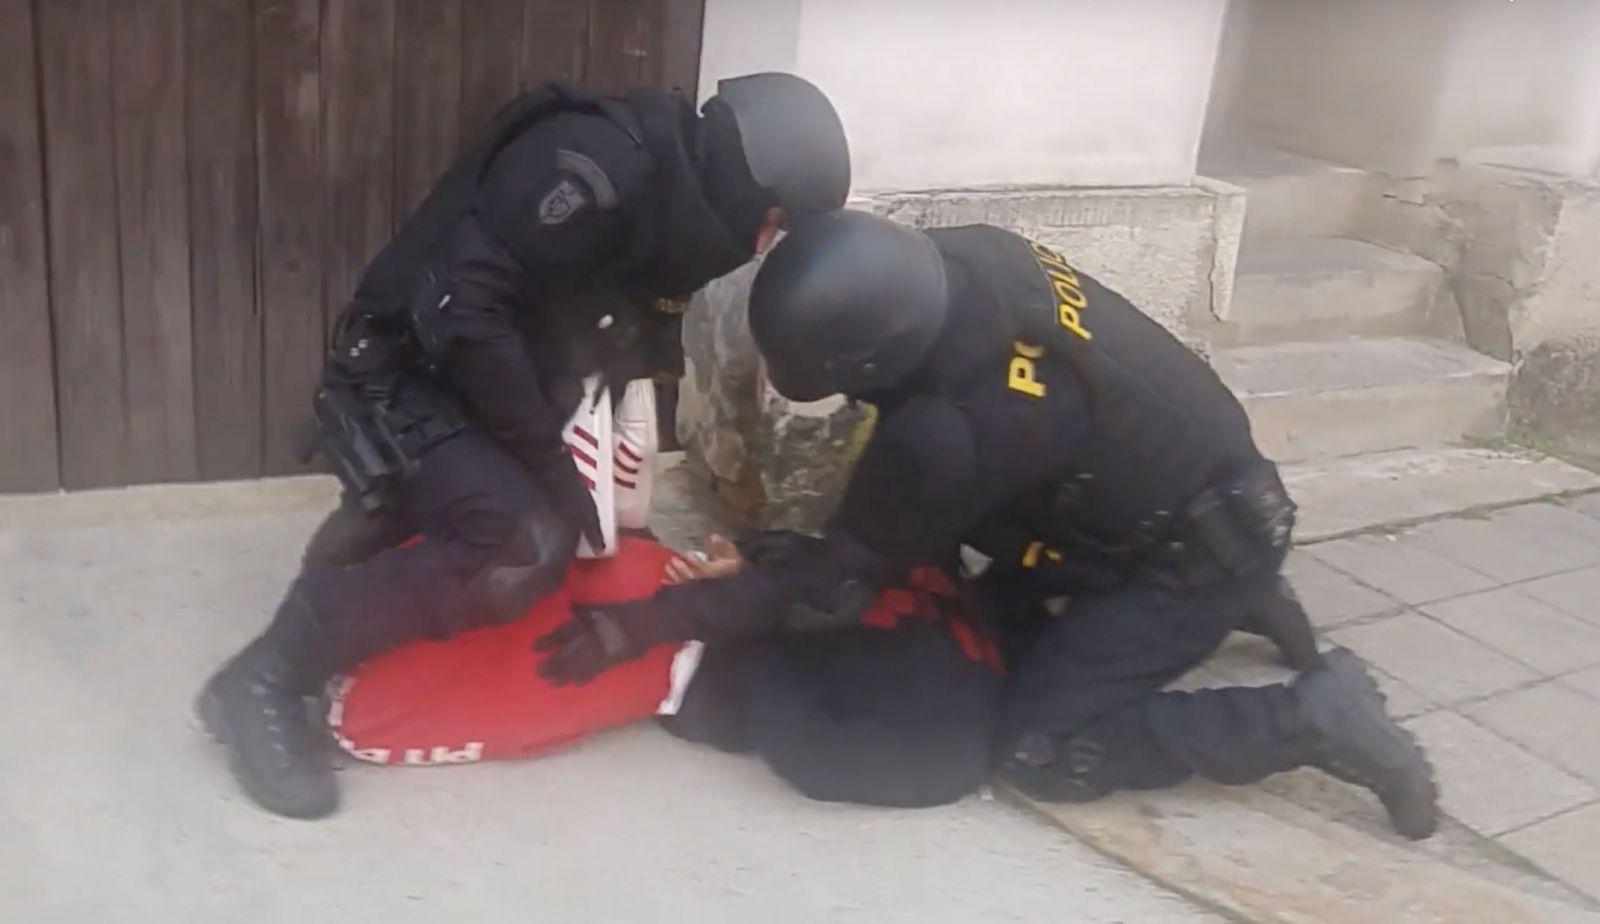 Koronavirus kriminálníky v Česku mírně zabrzdil: počet trestných činů klesl o 6 procent